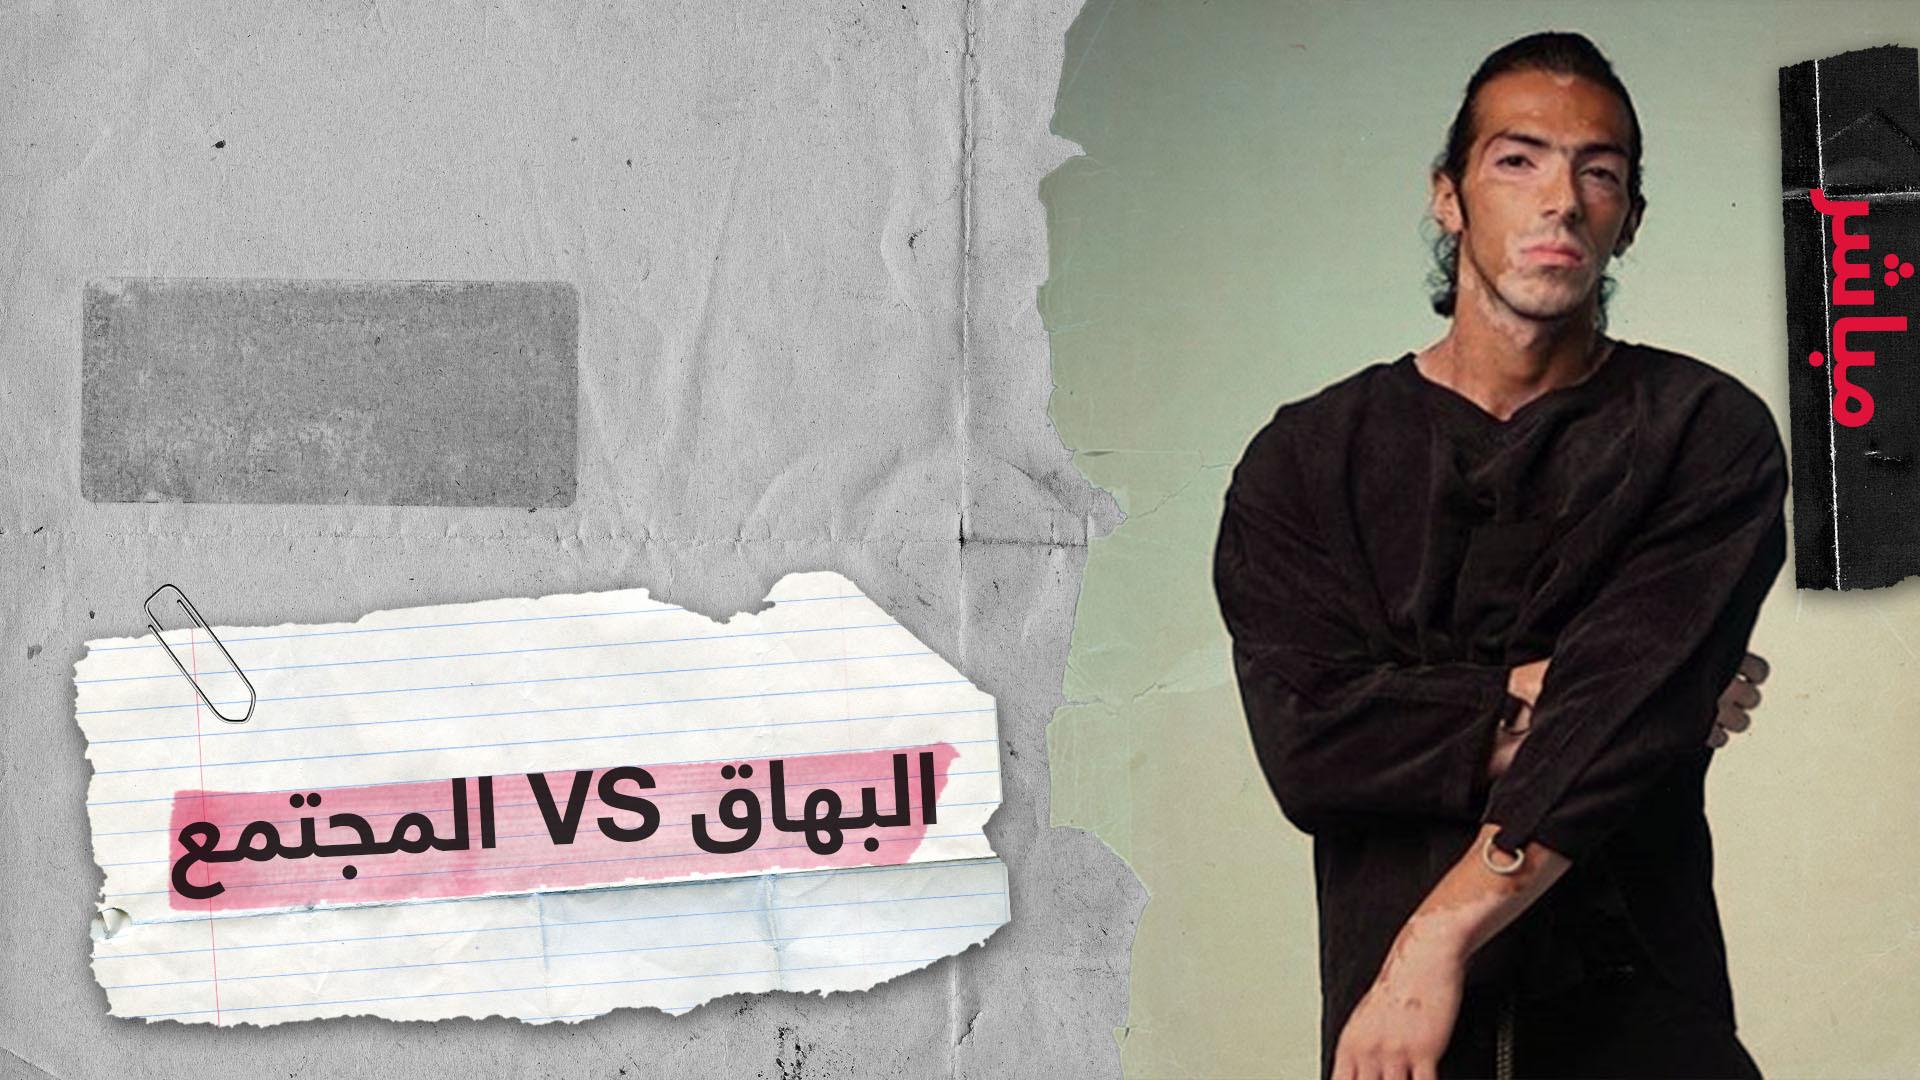 مرضى البهاق والبرص عربيا معاناة مضاعفة بسبب المجتمع